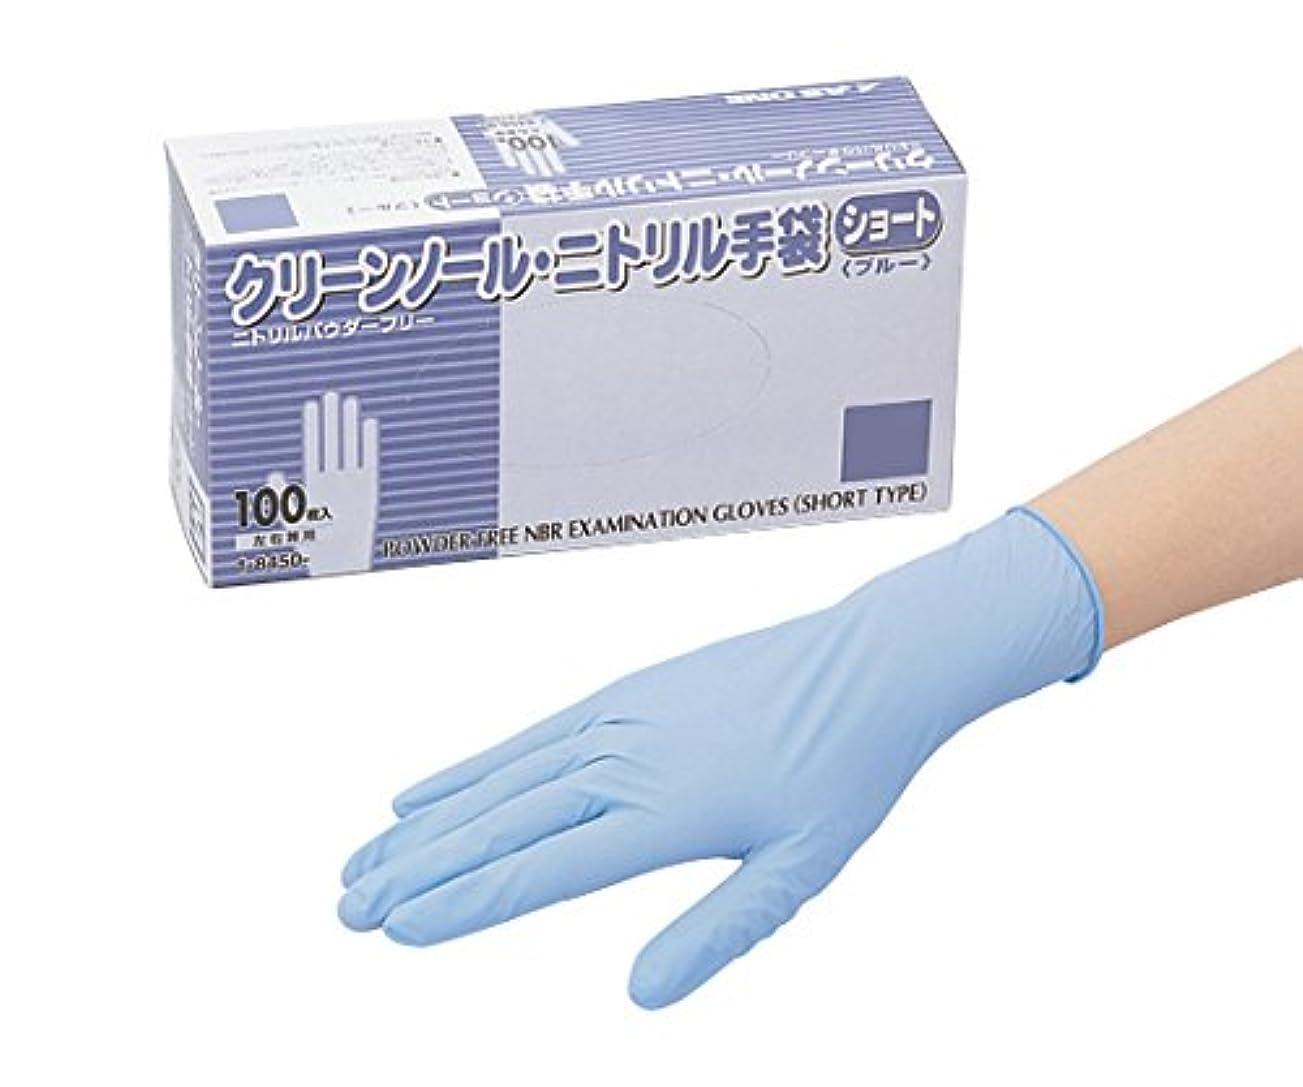 批判する離れた裏切りアズワン1-8450-52クリーンノールニトリル手袋ショート(パウダーフリ-)ブルーM1000枚入